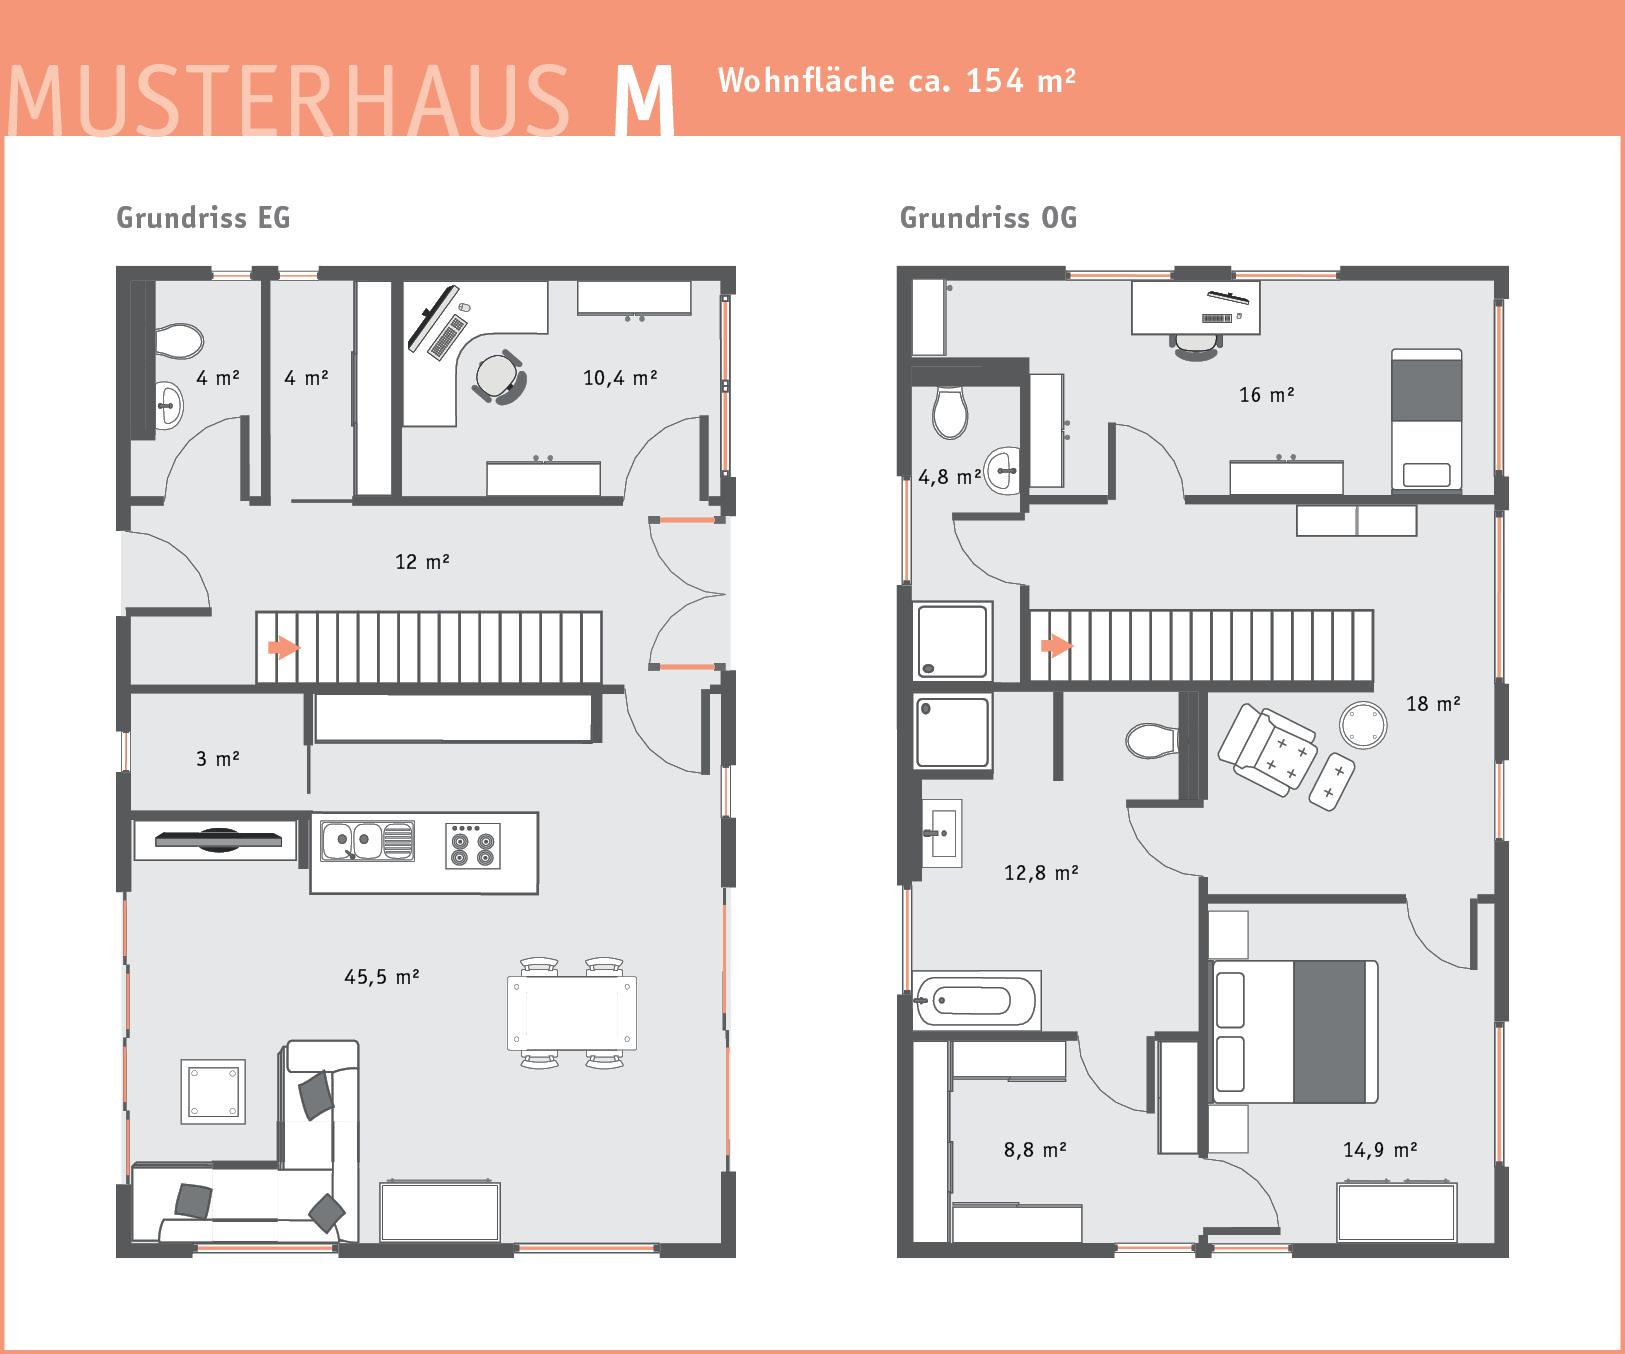 Brunthaler Holzhaus Musterhaus M Bauplan